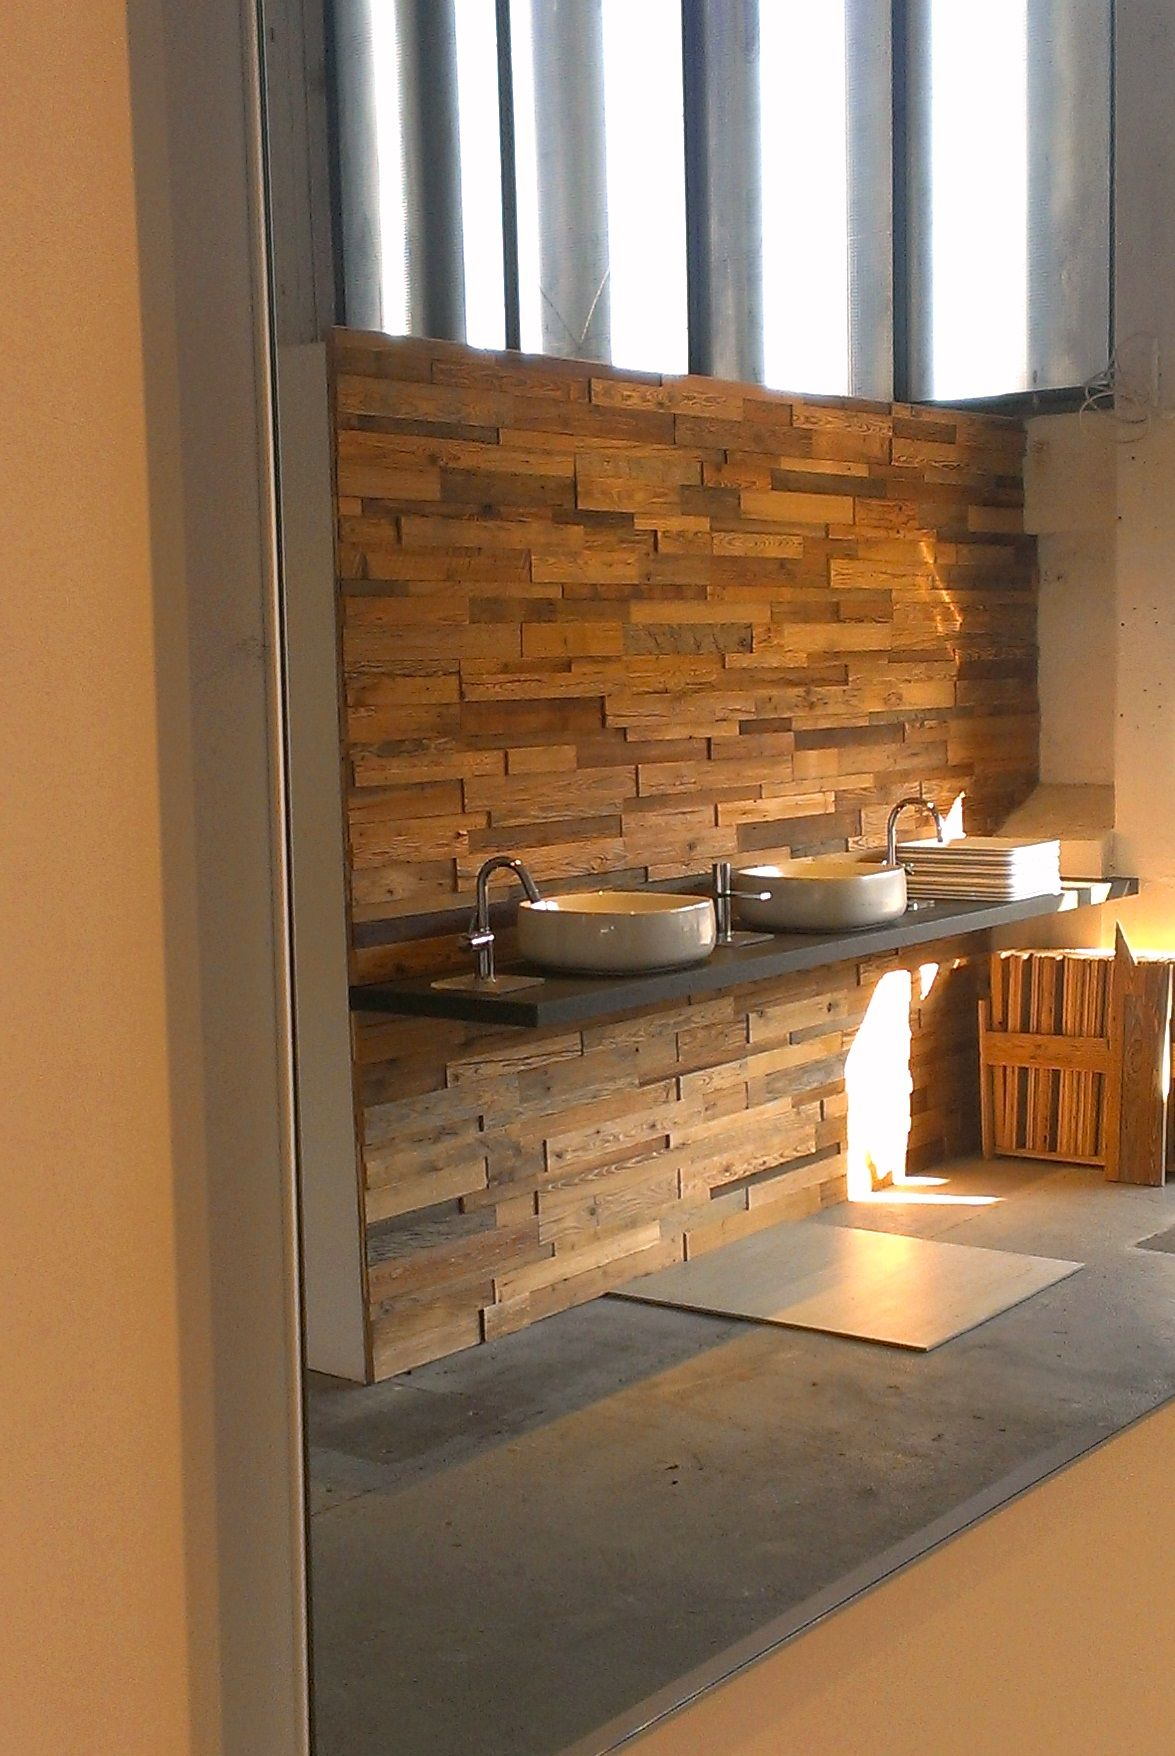 Waschbecken i holzwand i wasserhahn i spiegel i waschschale i wandverkleidung produkte und - Holzwand fliesen ...